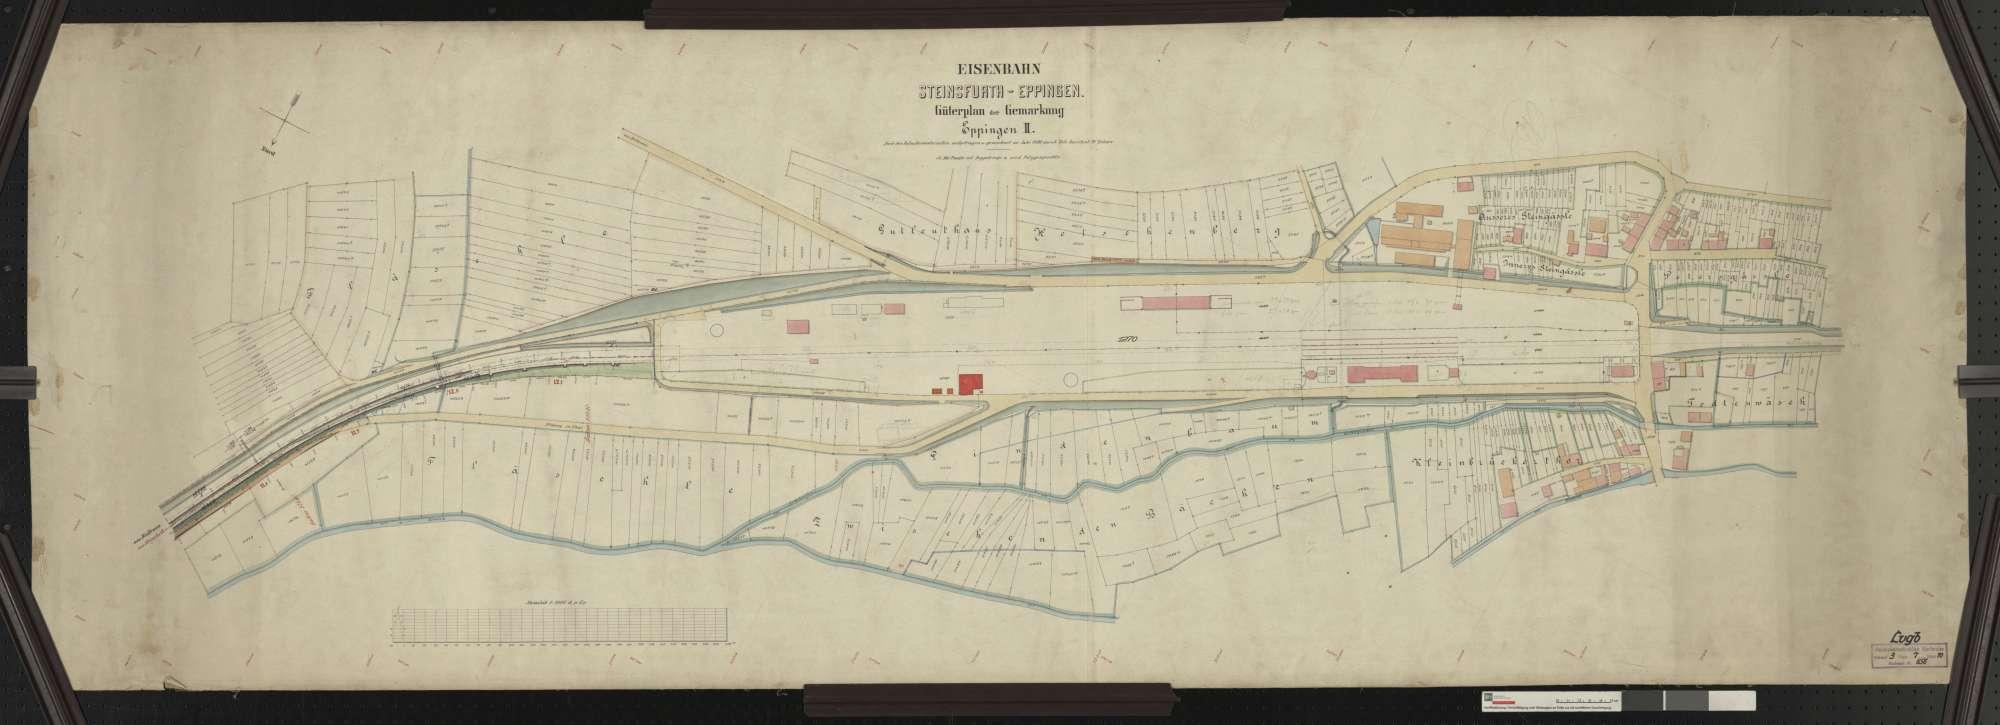 Güterplan der Bahn von Steinsfurt bis Eppingen: Gemarkung Eppingen Streckenausschnitt: 11,7 bis 13,1 km, Bild 1